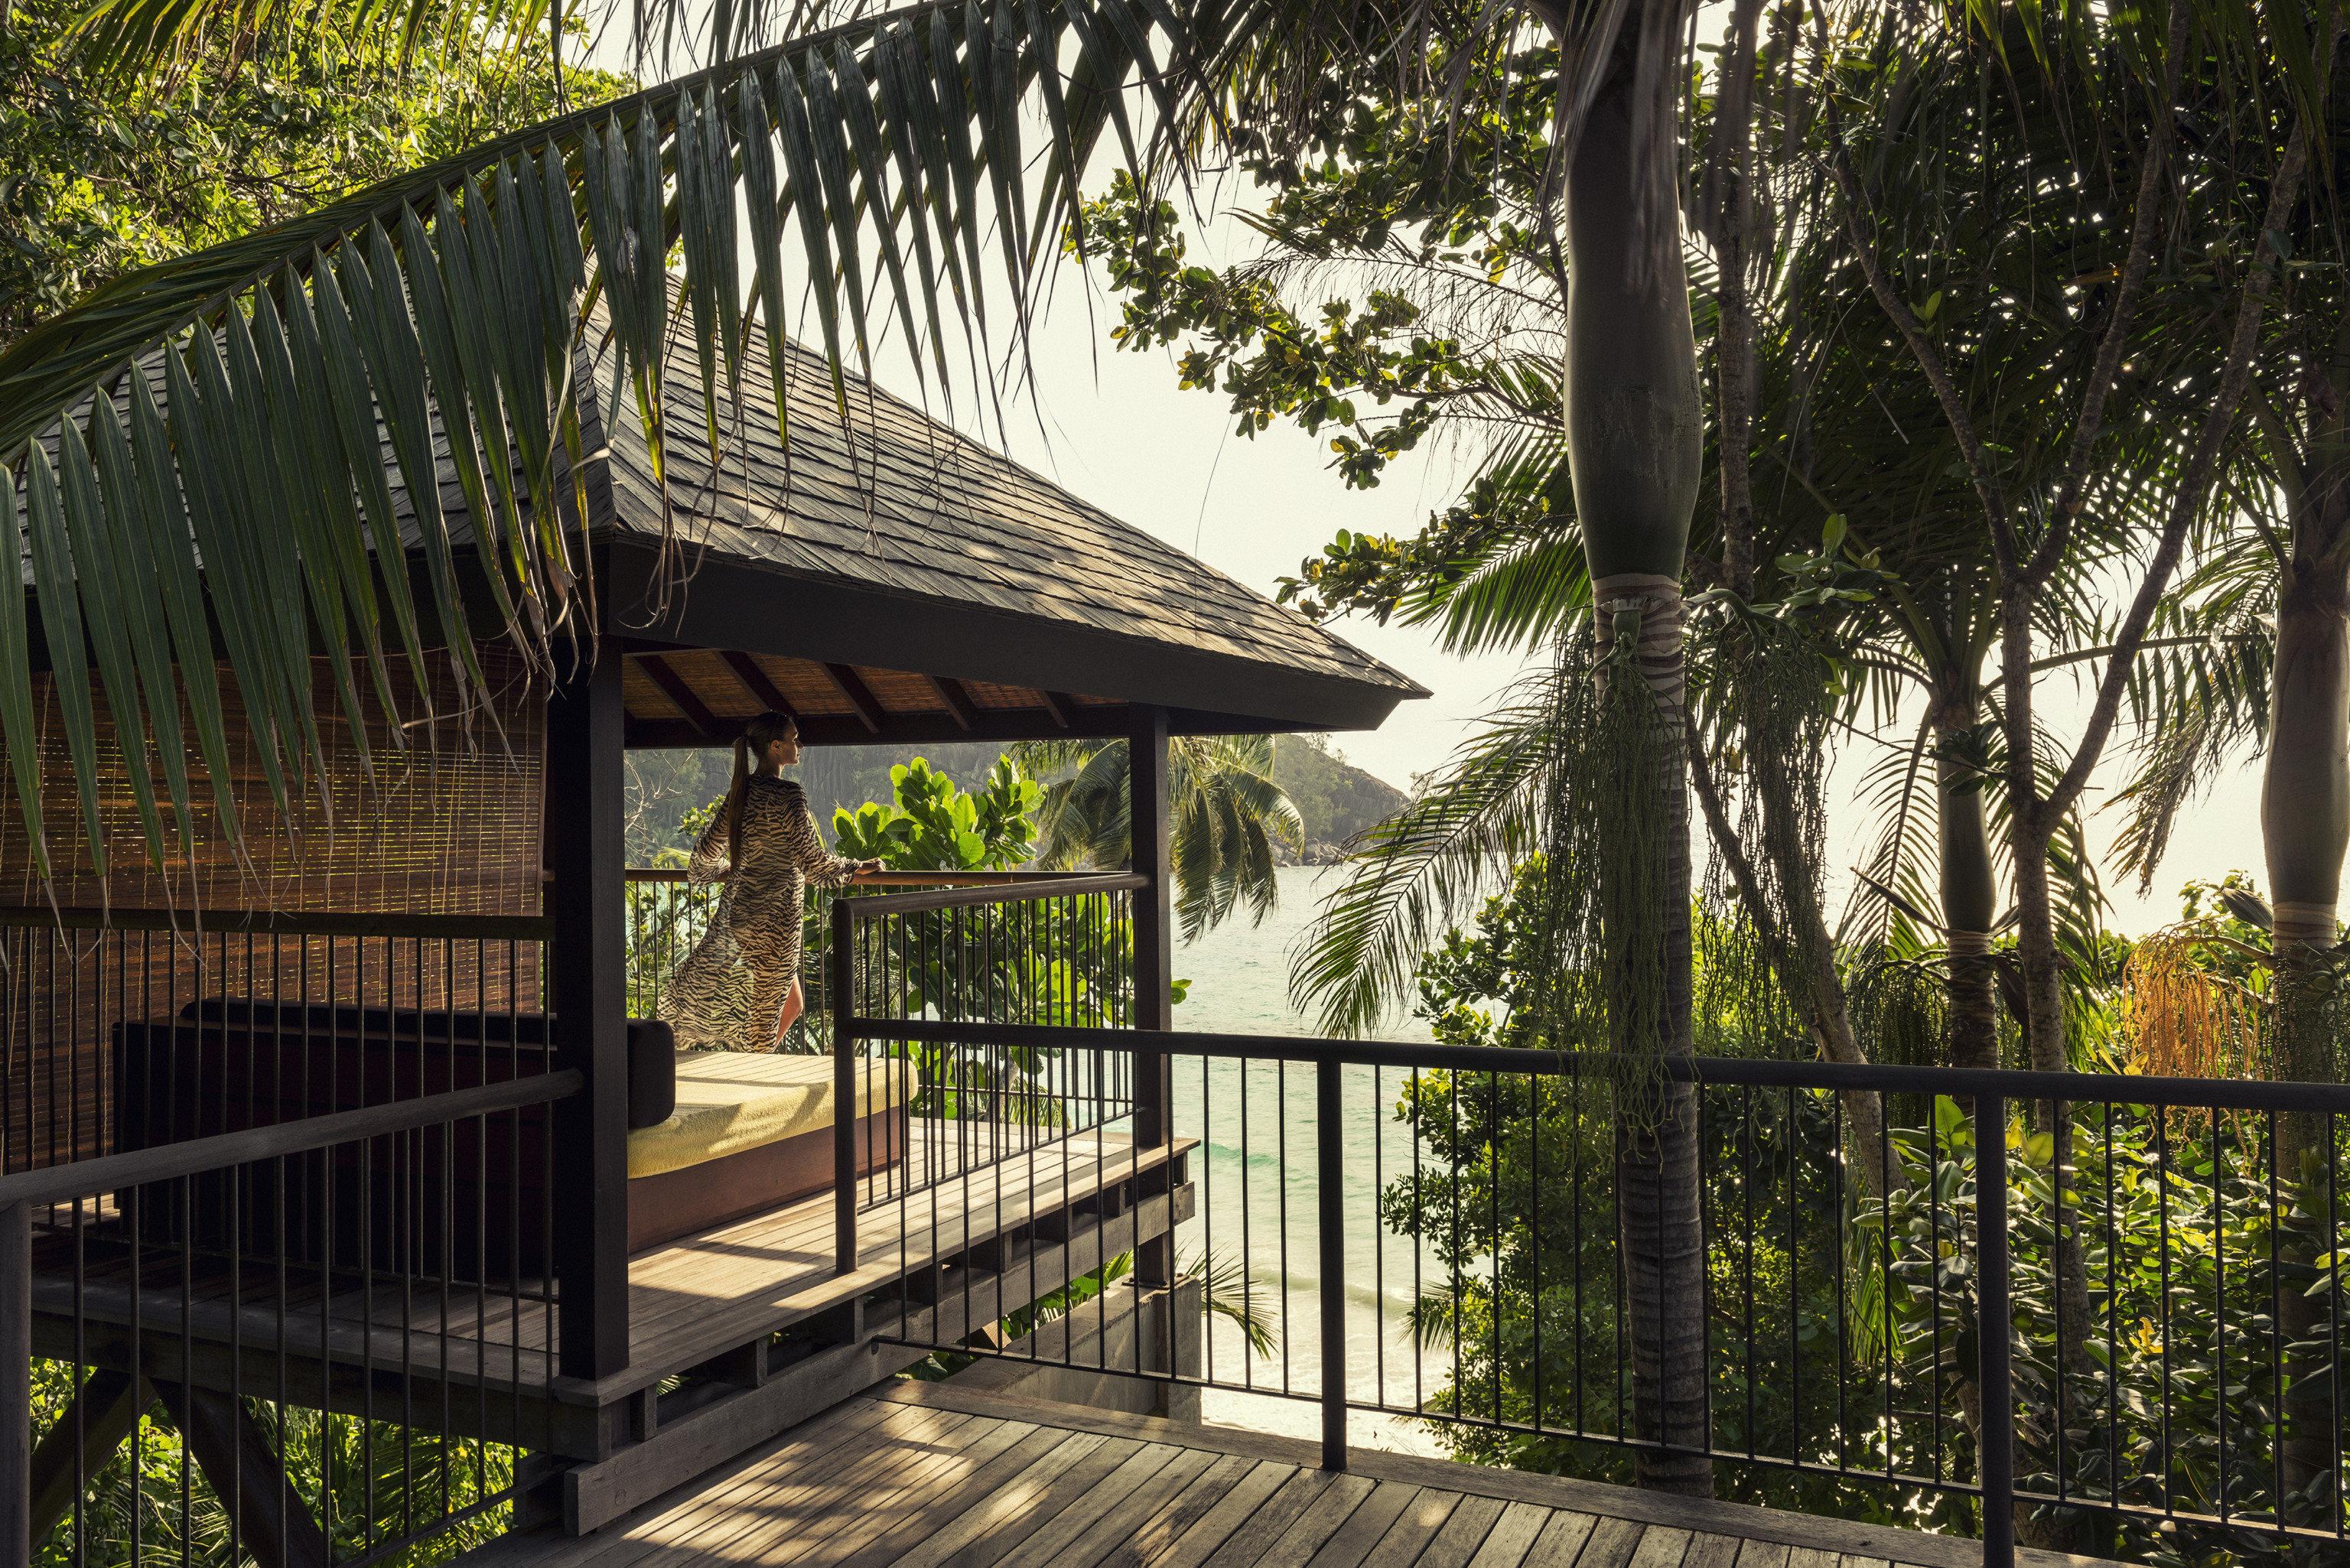 Fence tree building park outdoor structure metal cottage backyard Resort walkway